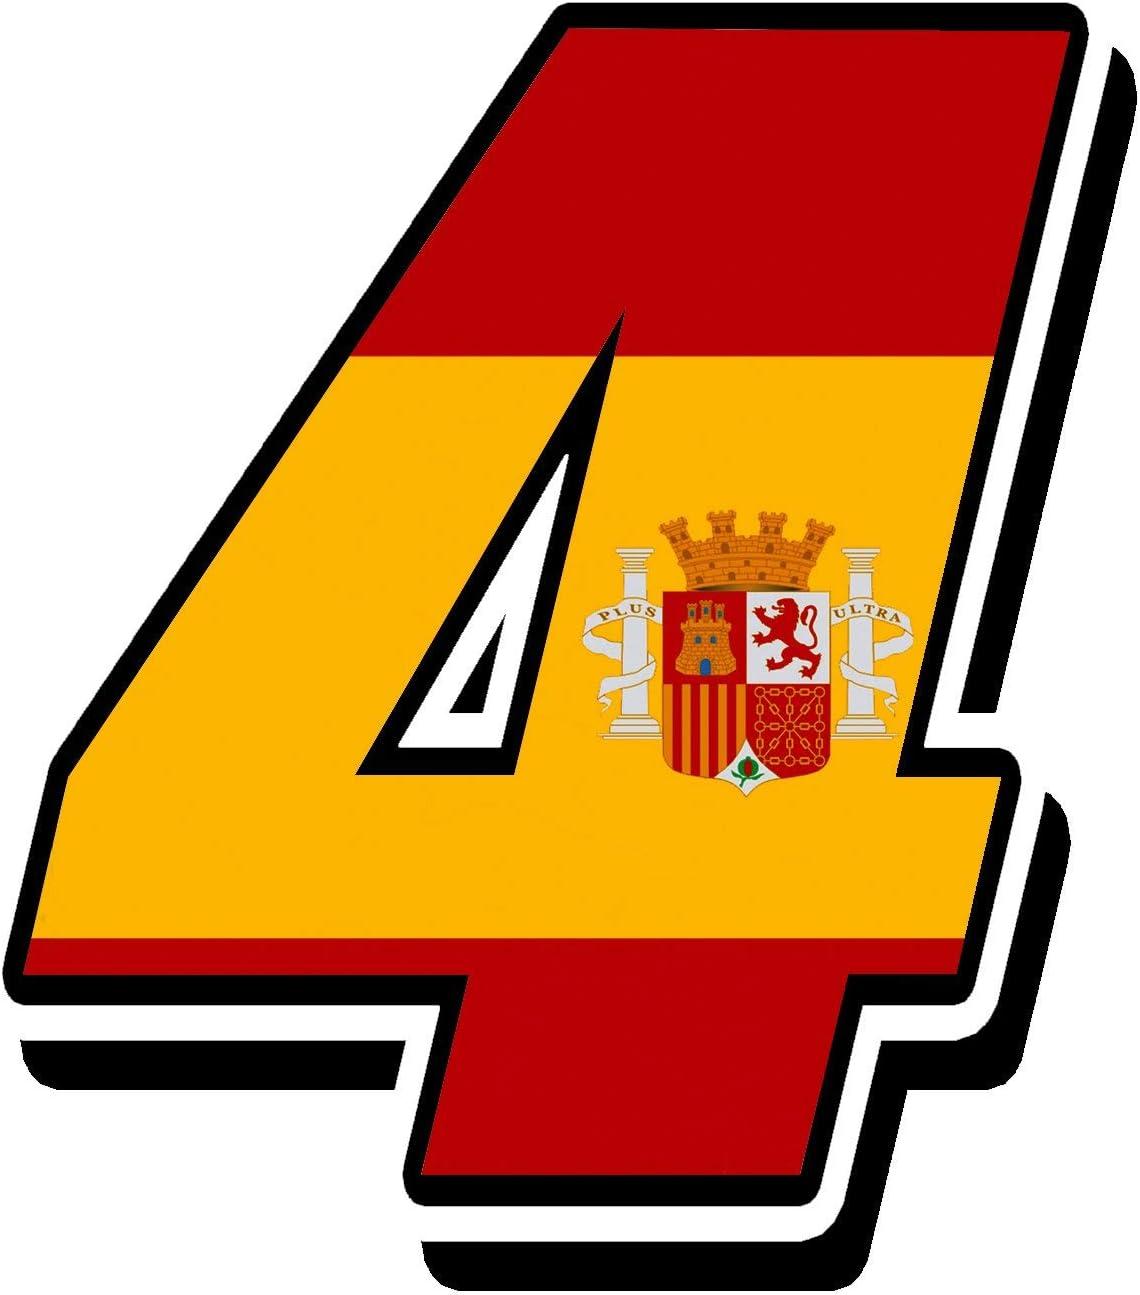 Biomar Labs® Número 4 Bandera Nacional España Spain Calavera Vinilo Adhesivo Pegatina Coche Auto Motocross Moto Sport Start Racing Tuning N 284: Amazon.es: Coche y moto